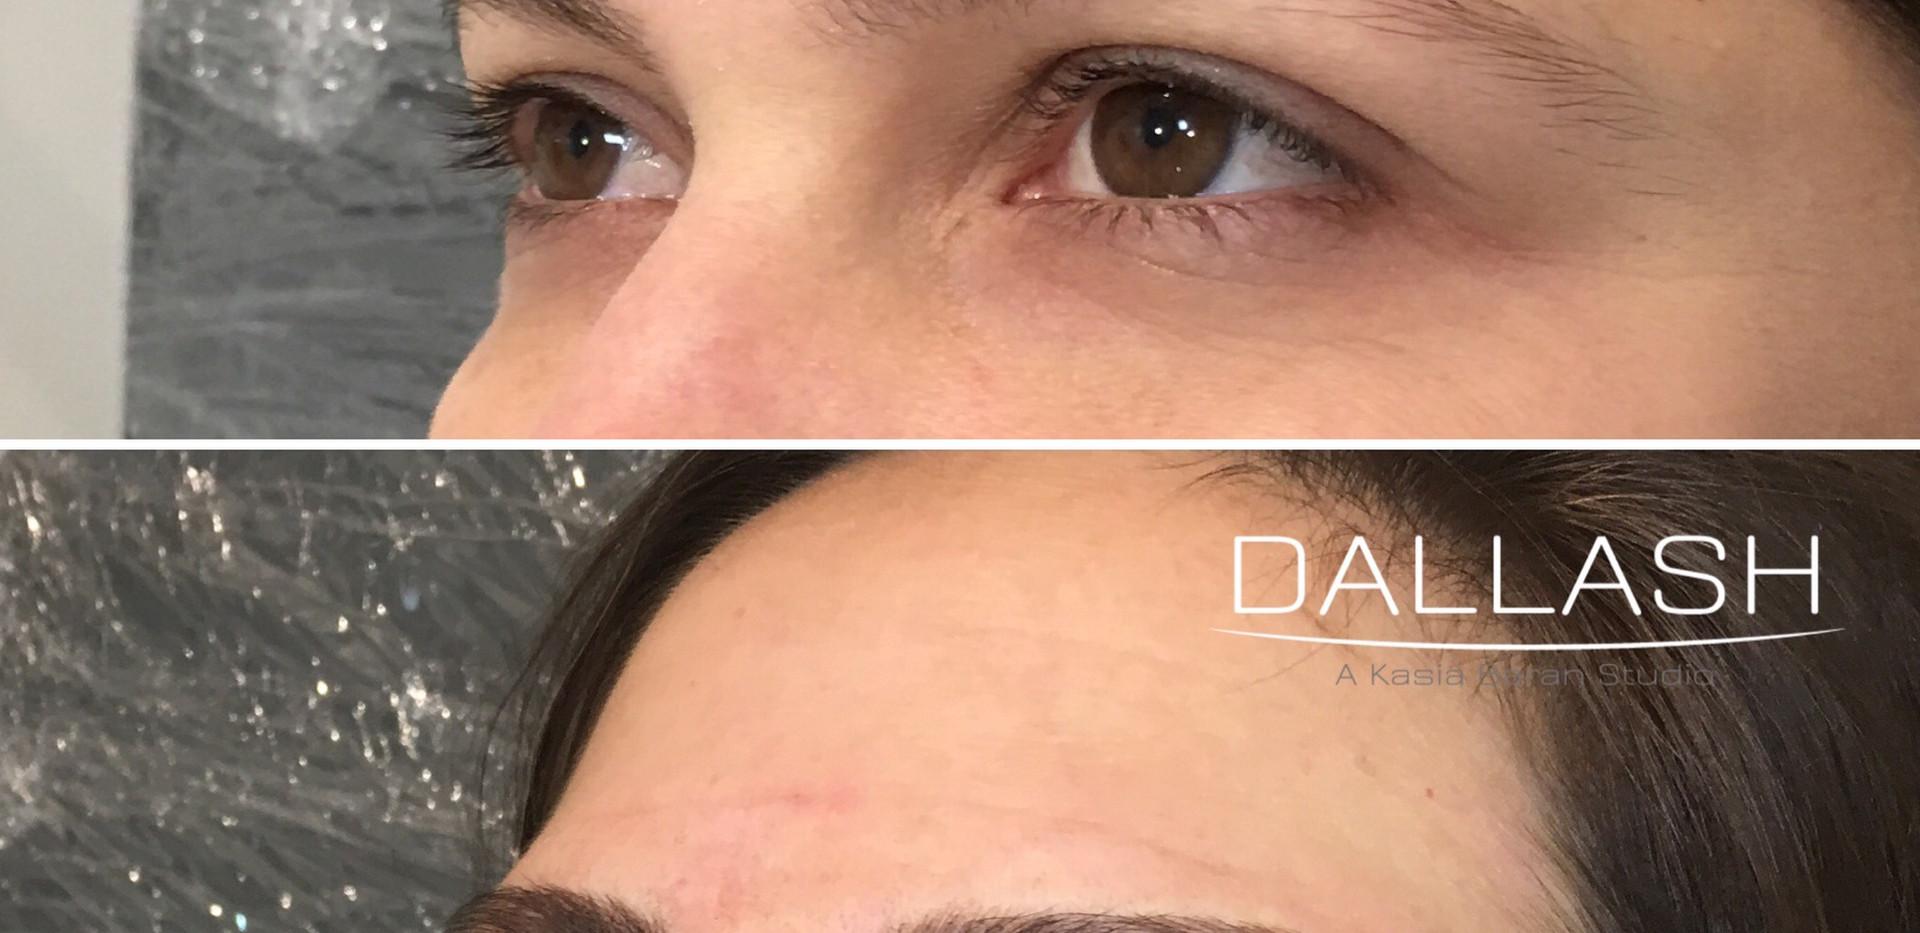 microblading  lashes, dallas, dallas las